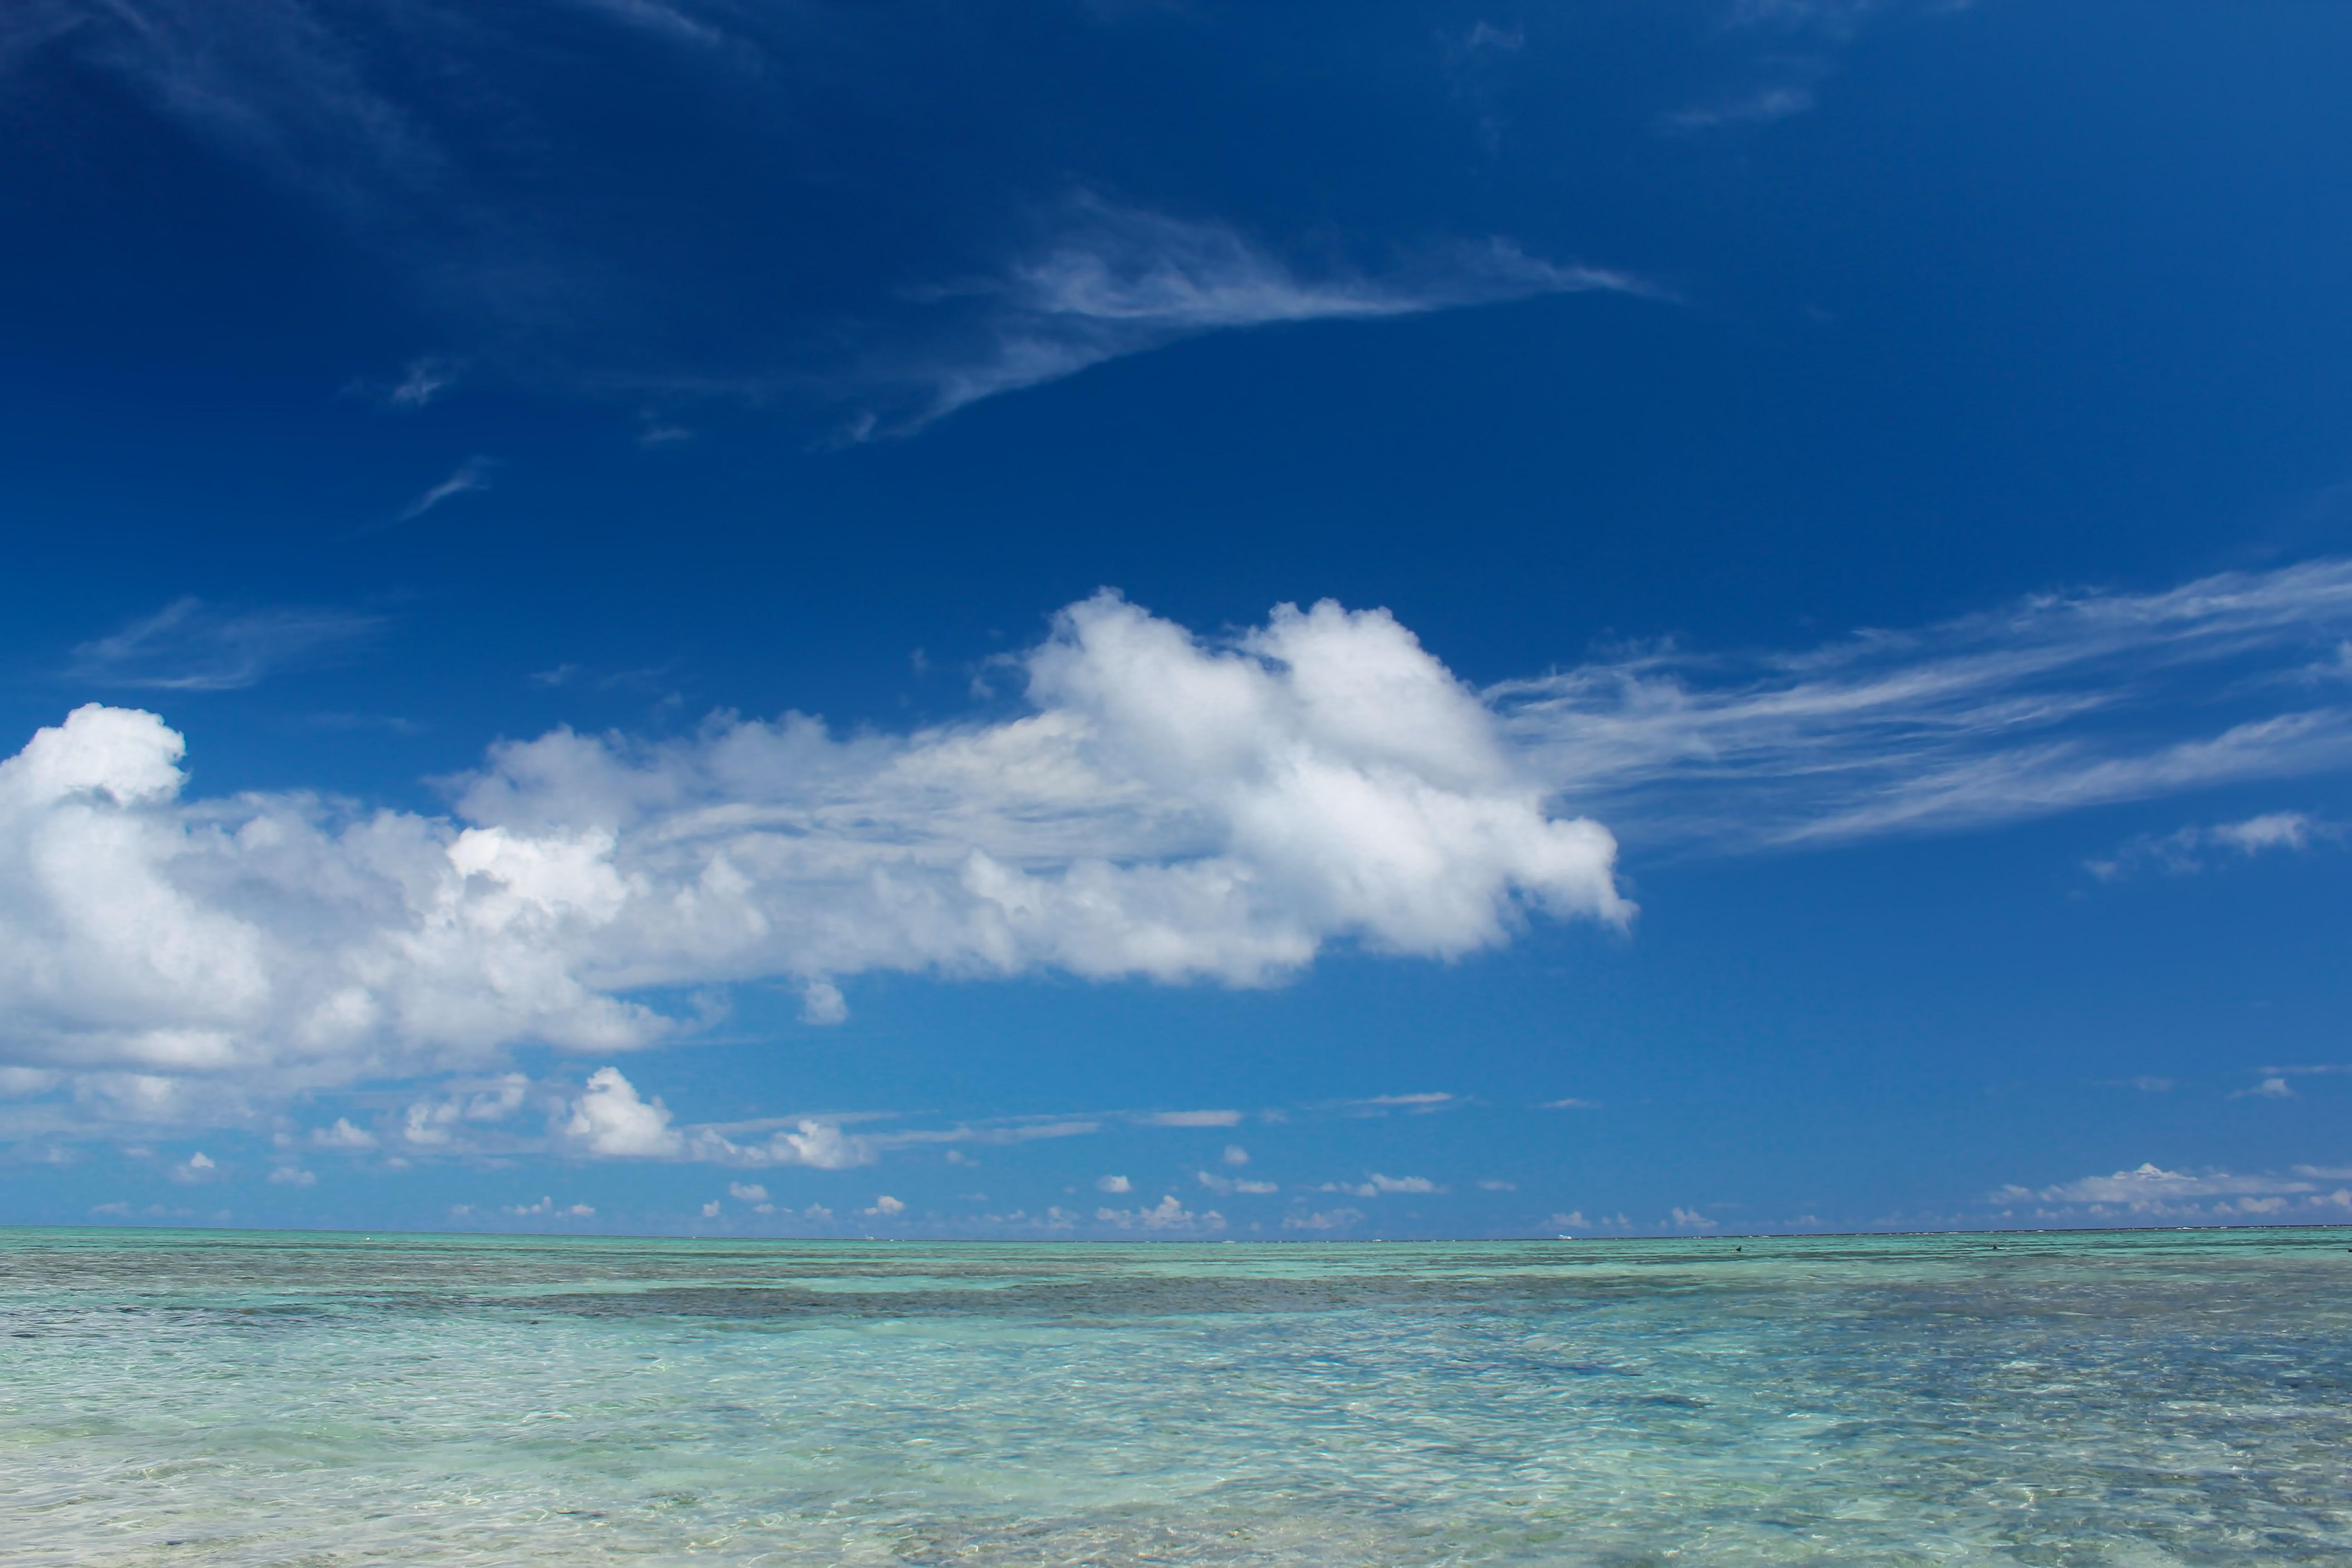 夏の透き通る海の写真 画像 フリー素材 ぱくたそ